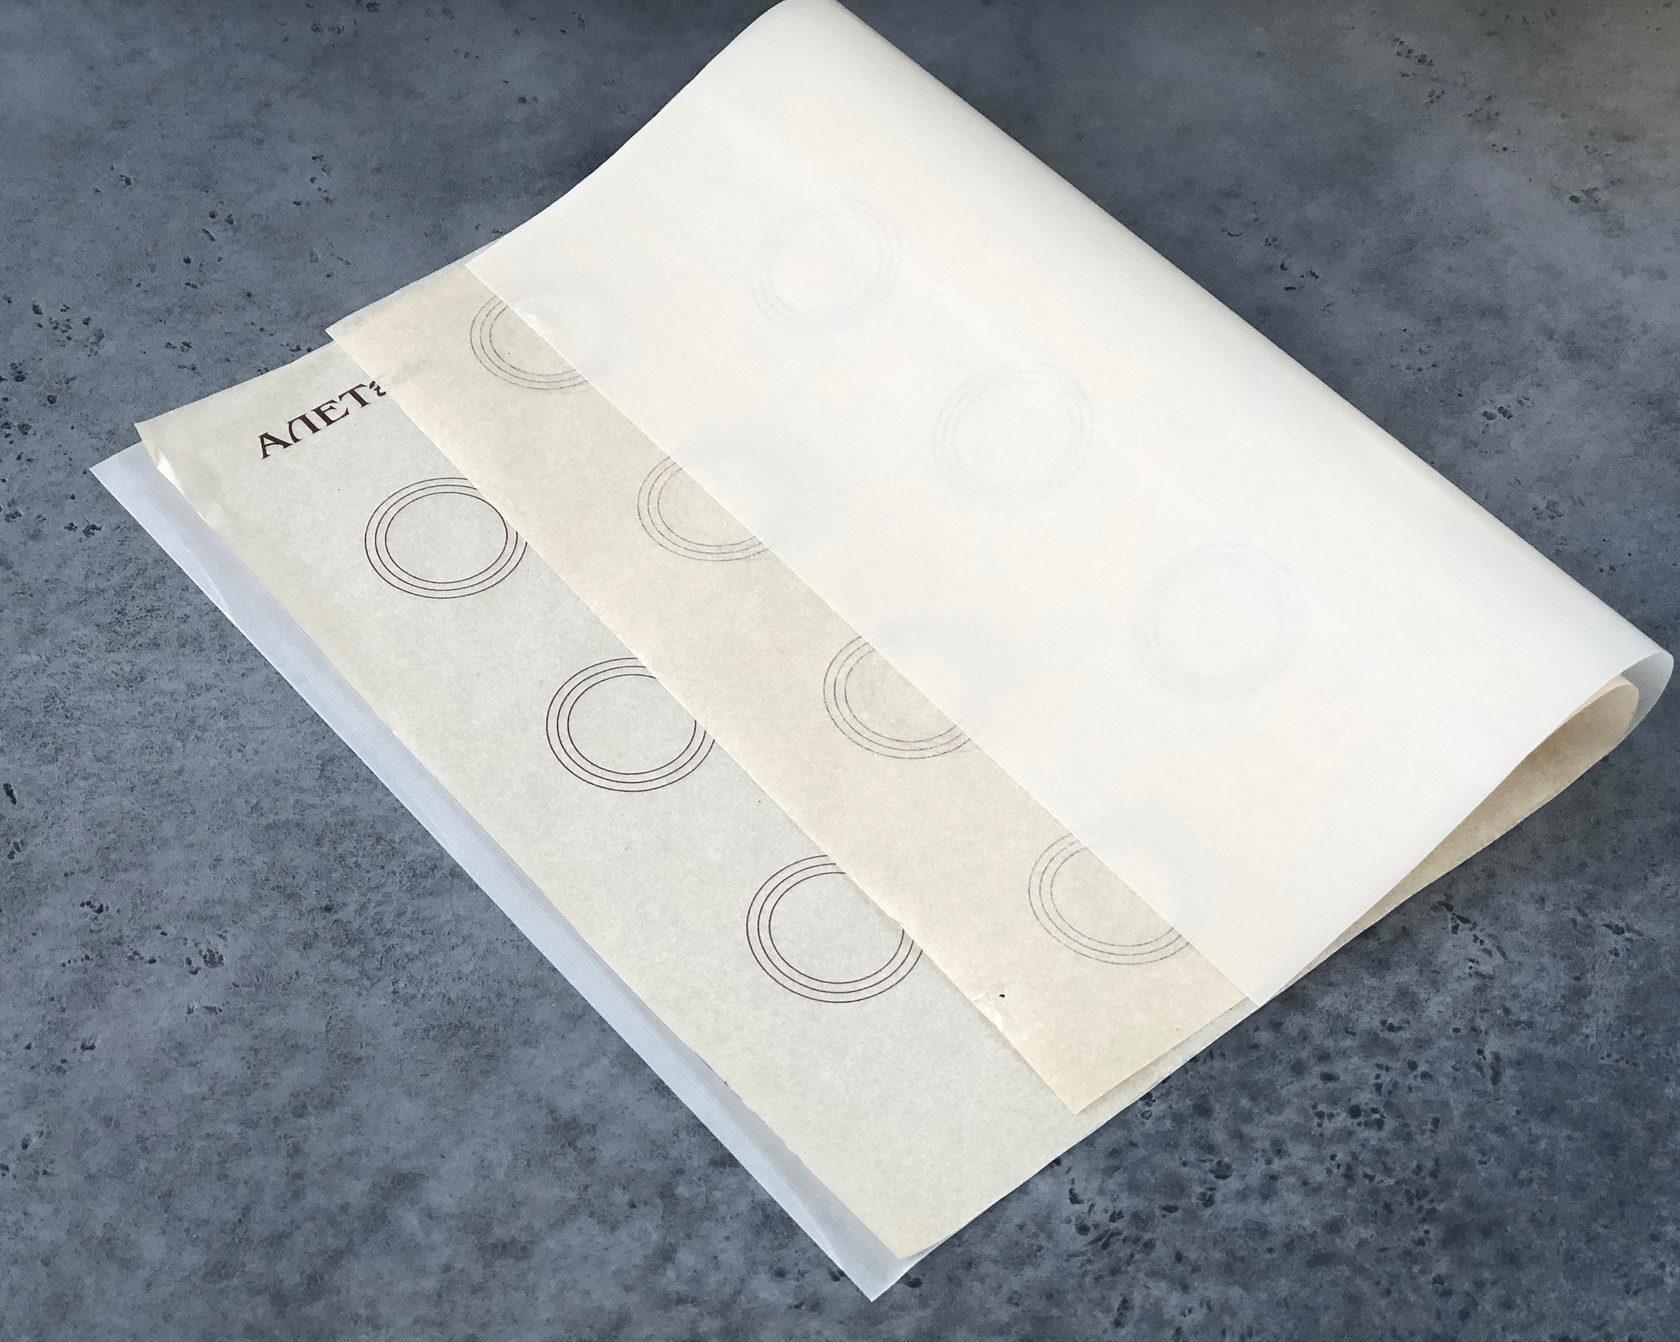 Тефлоновый коврик  для макаронс с трафаретом, 30х40 см